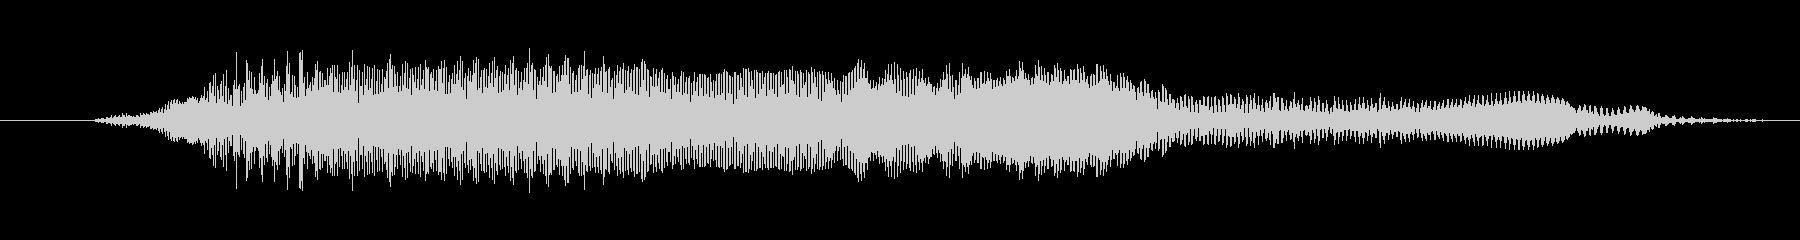 鳴き声 雄叫びアグレッシブ01の未再生の波形